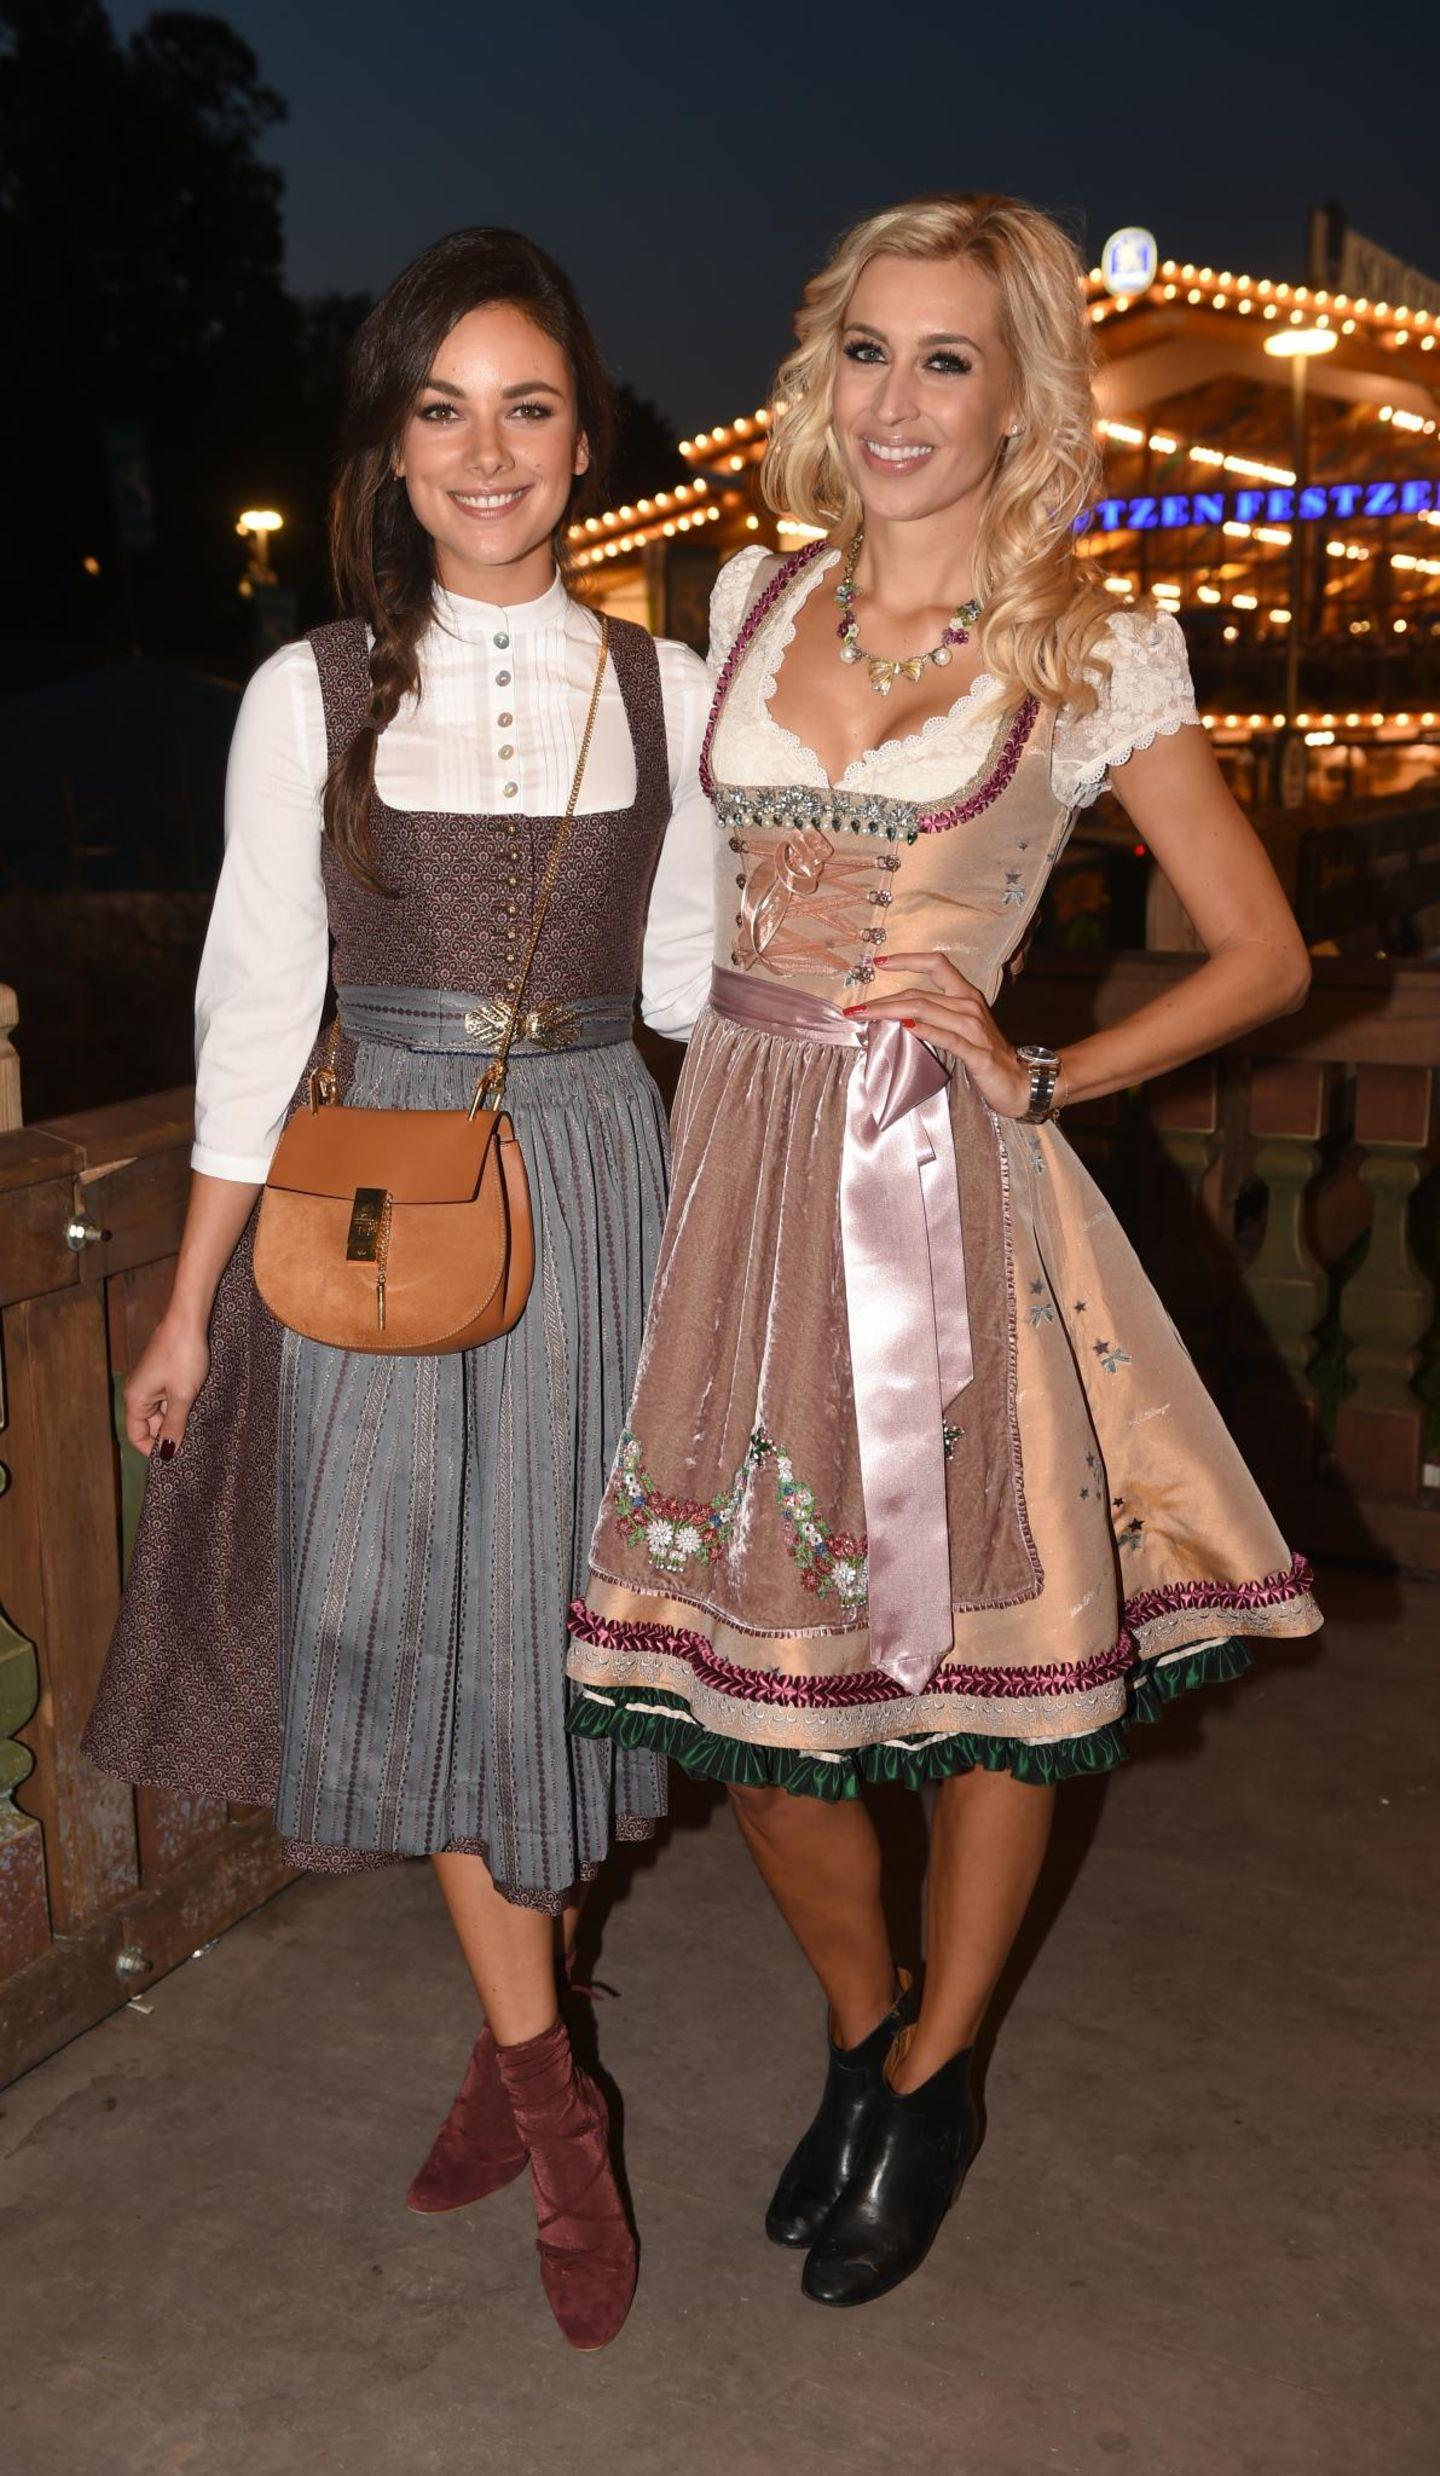 Welch bezauberndes Motiv: Schauspielerin Janina Uhse und Moderatorin Verena Kerth verbringen den Tag gemeinsam auf der Wiesn und stellen sich den Fotografen.